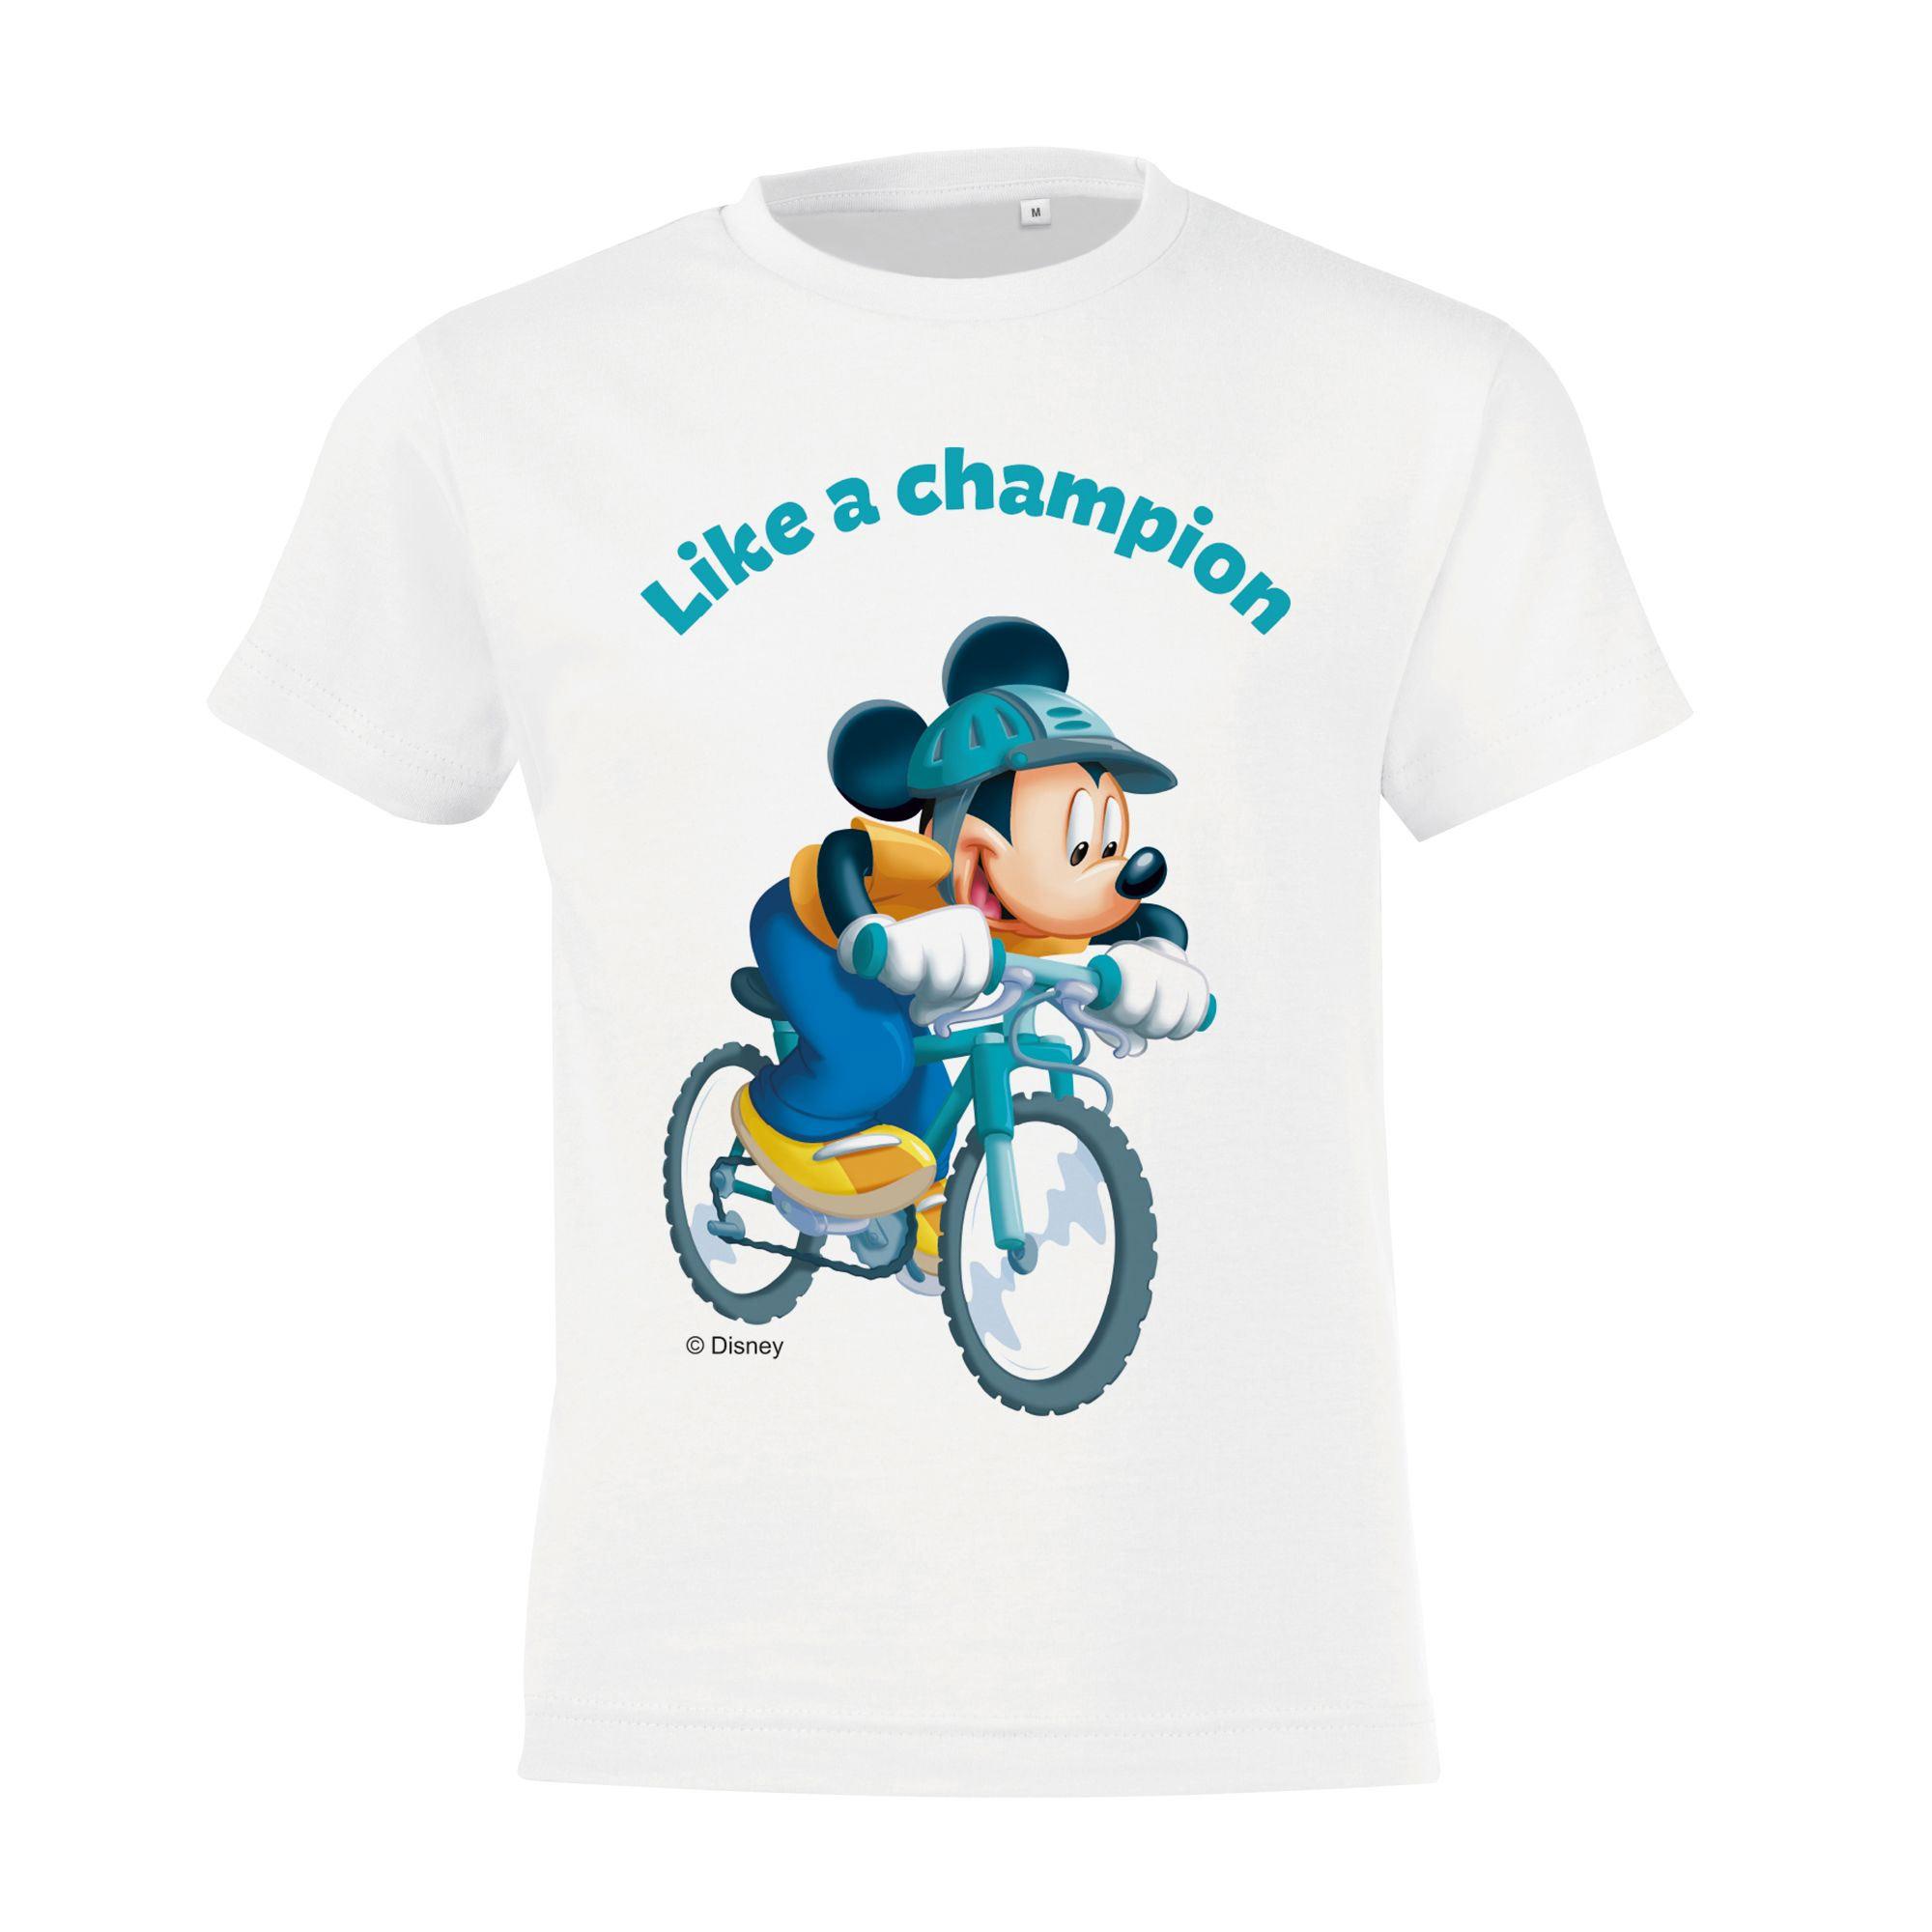 Футболка детская «Микки Маус. Like A Сhampion!», белая арт 55532.62